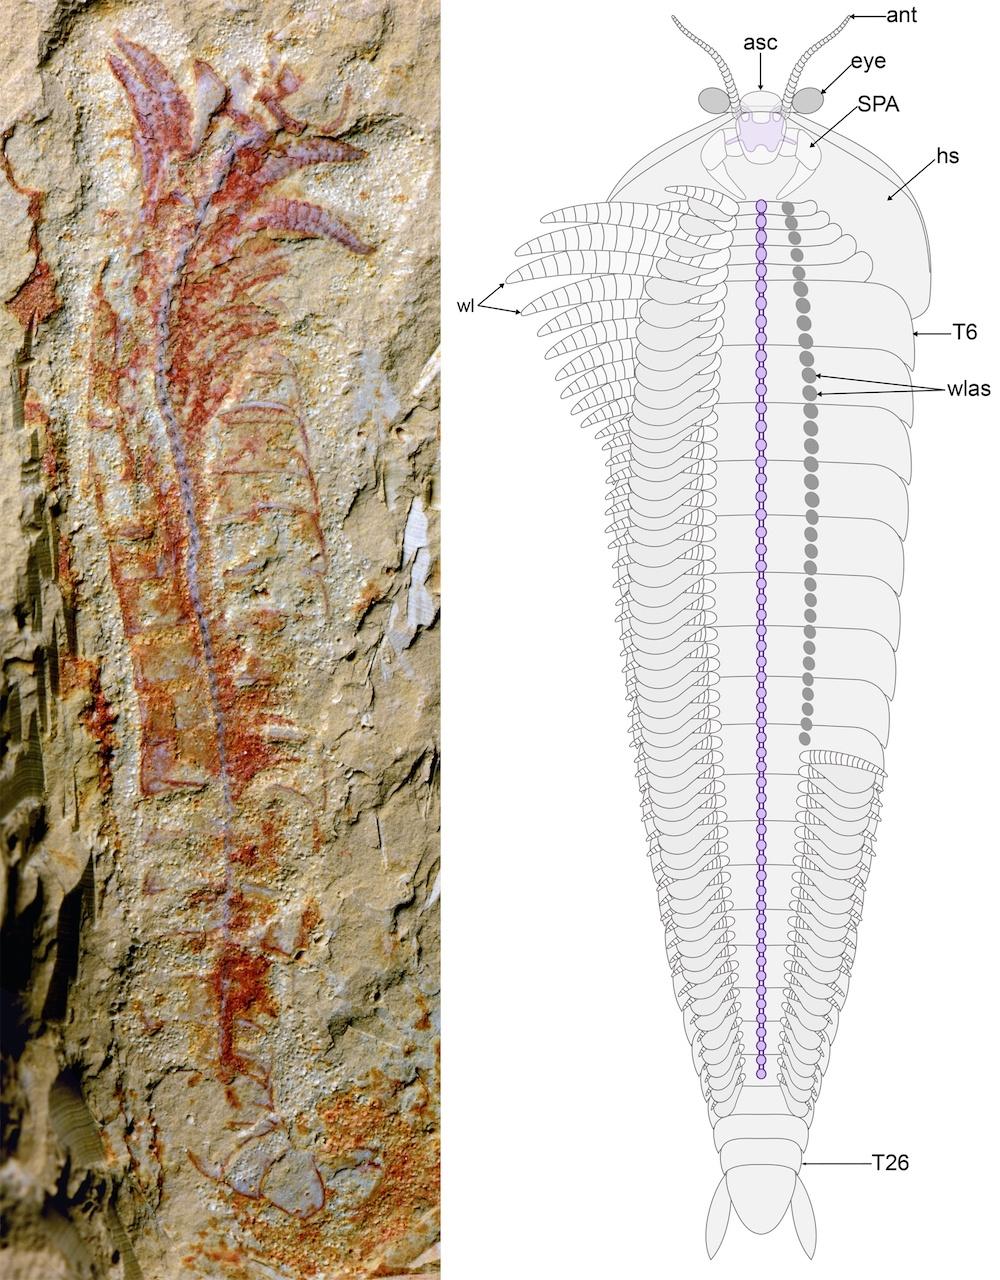 На уникальной окаменелости возрастом 0,5 млрд лет видна даже нервная система животного - 2